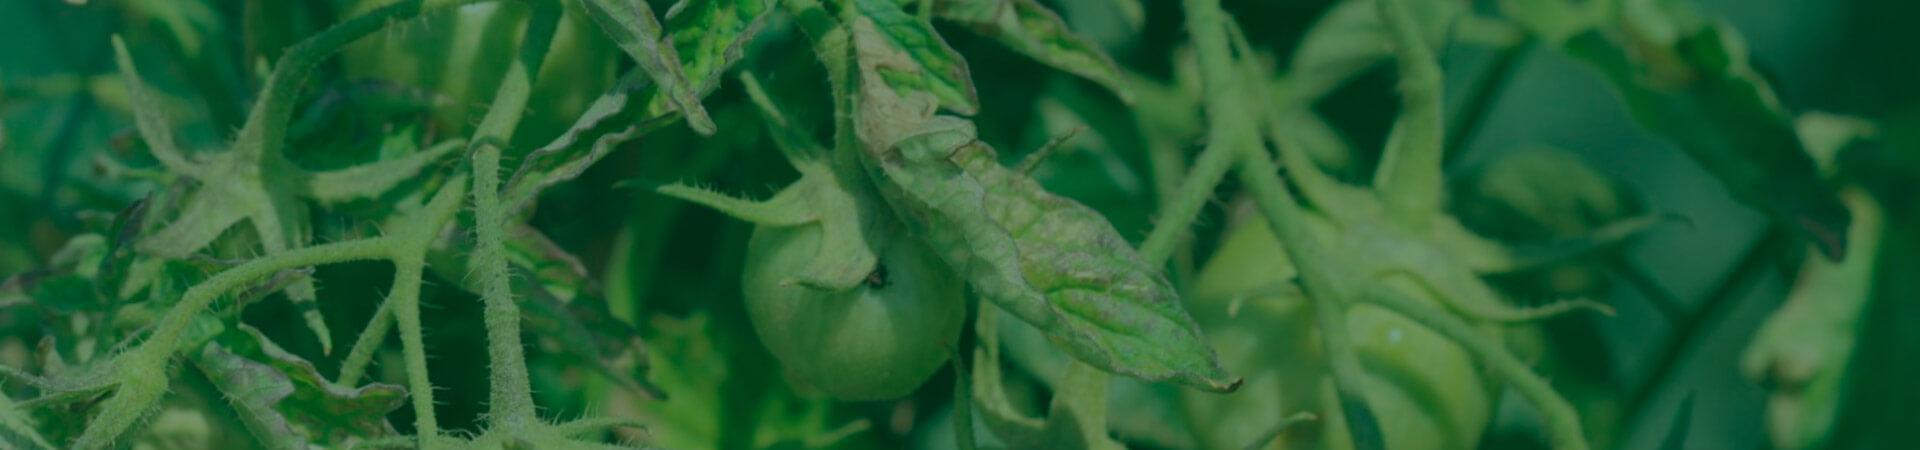 Vira-cabeça na cultura do tomateiro